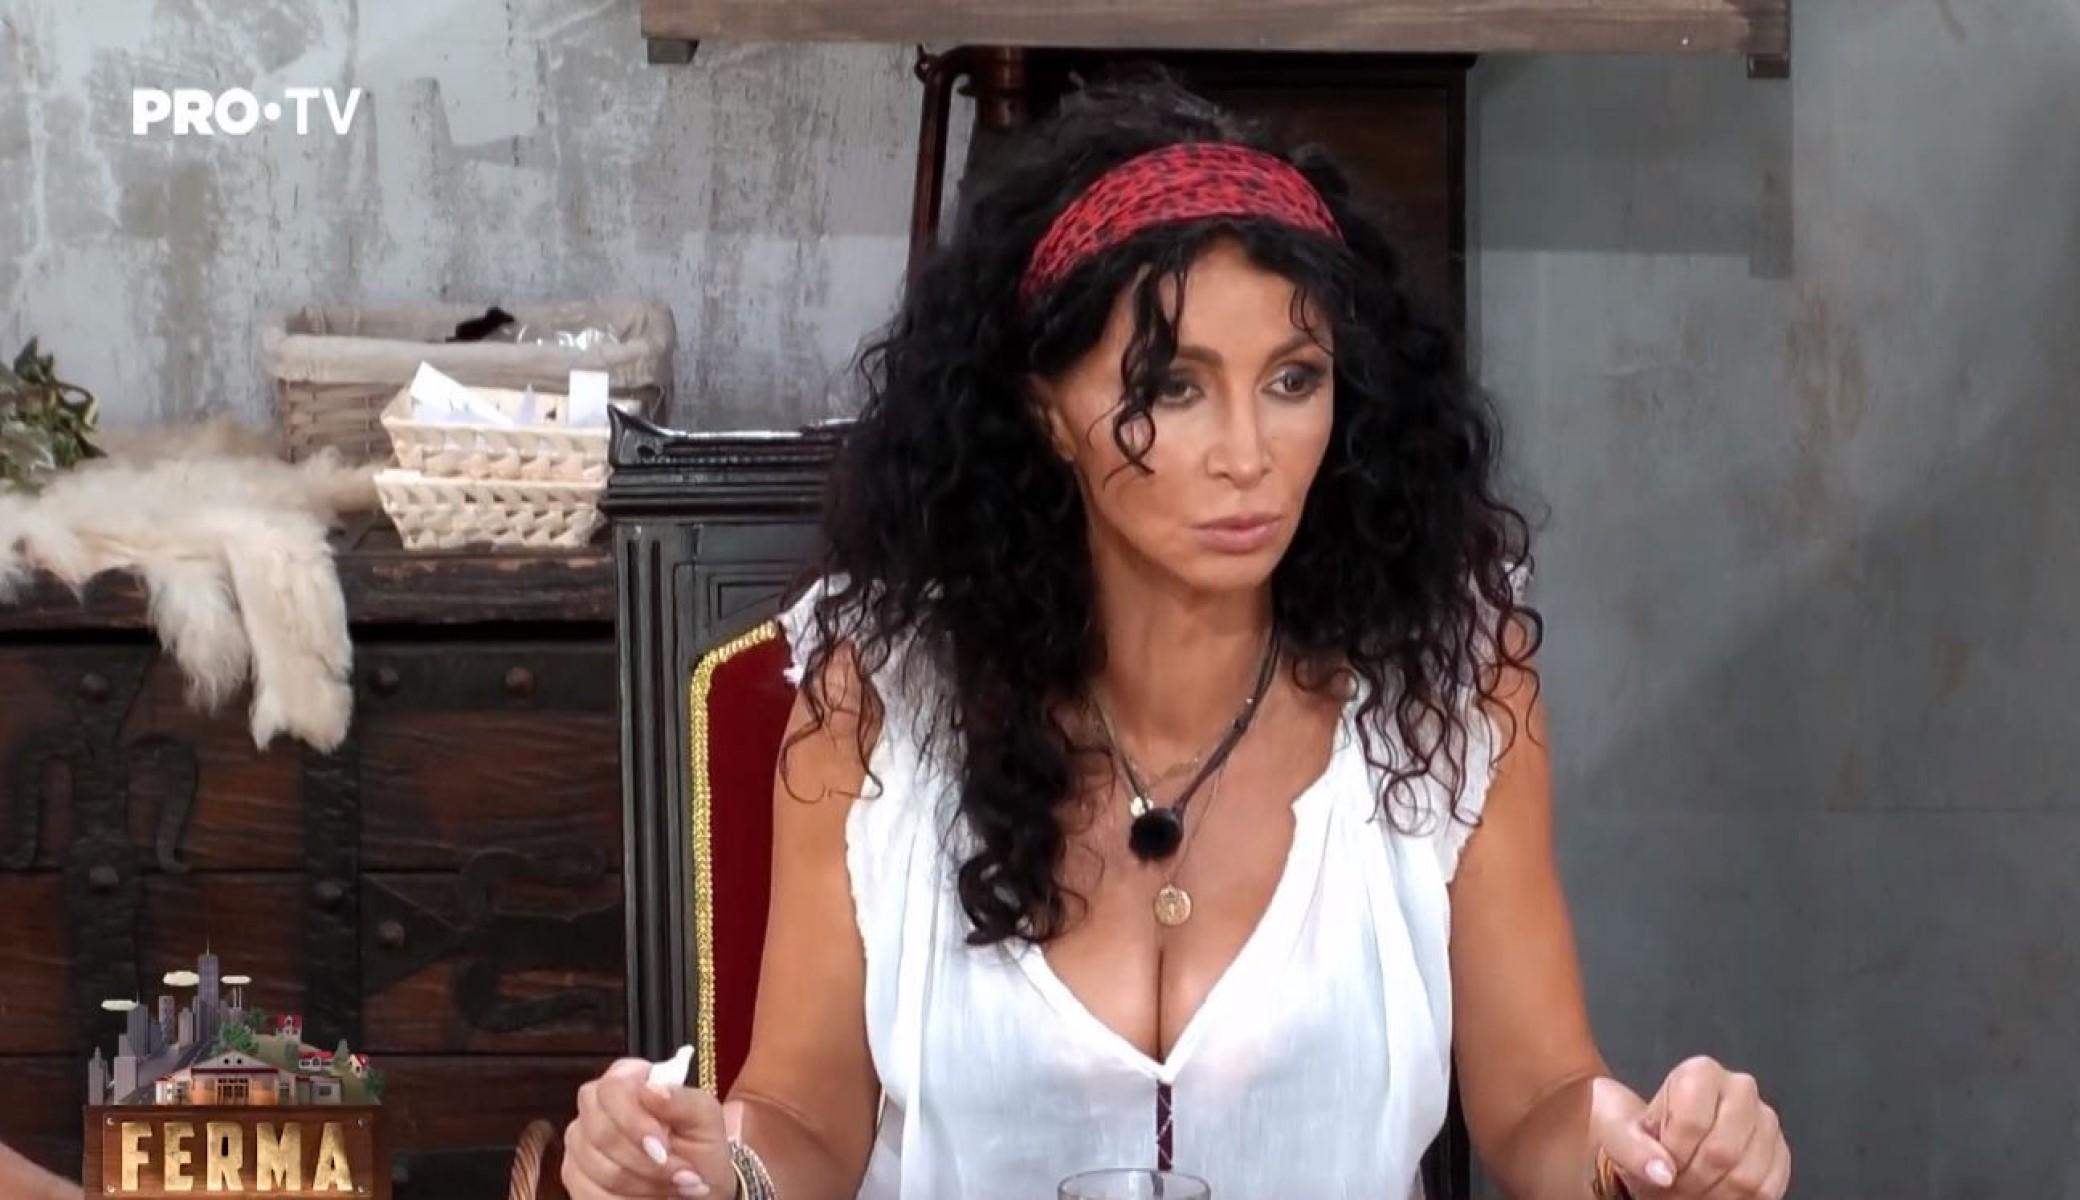 Ieșirea uluitoare a Mihaelei Rădulescu. Rușinos, totul a pornit de la mâncare